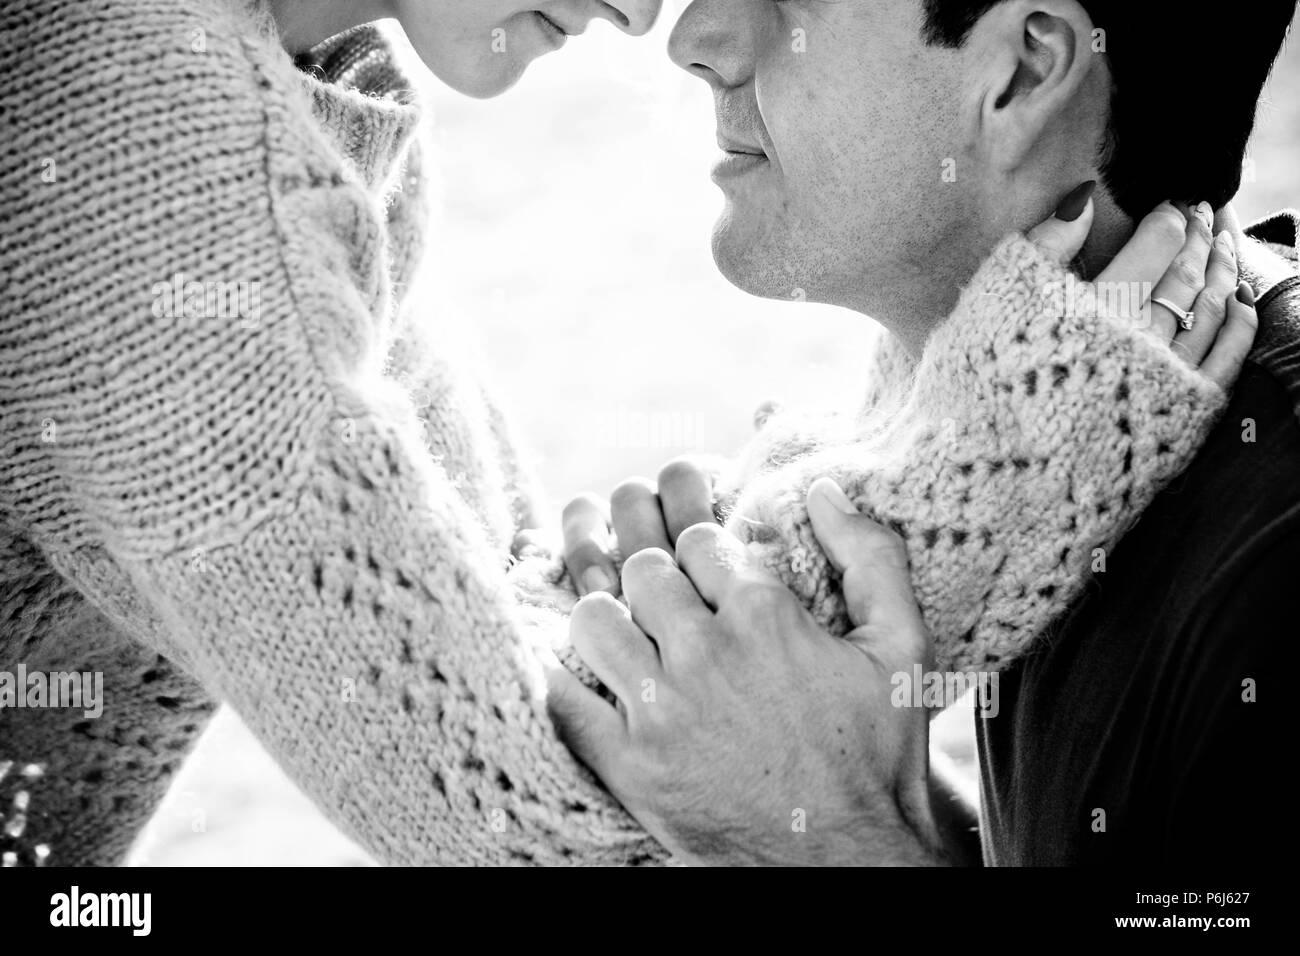 Paio di soggetti di razza caucasica modello uomo e donna abbraccio e amare con passione prendendo loro stessi e soggiornare vicino le labbra per labbra. piccolo sorriso e affrontare insieme in una t Immagini Stock